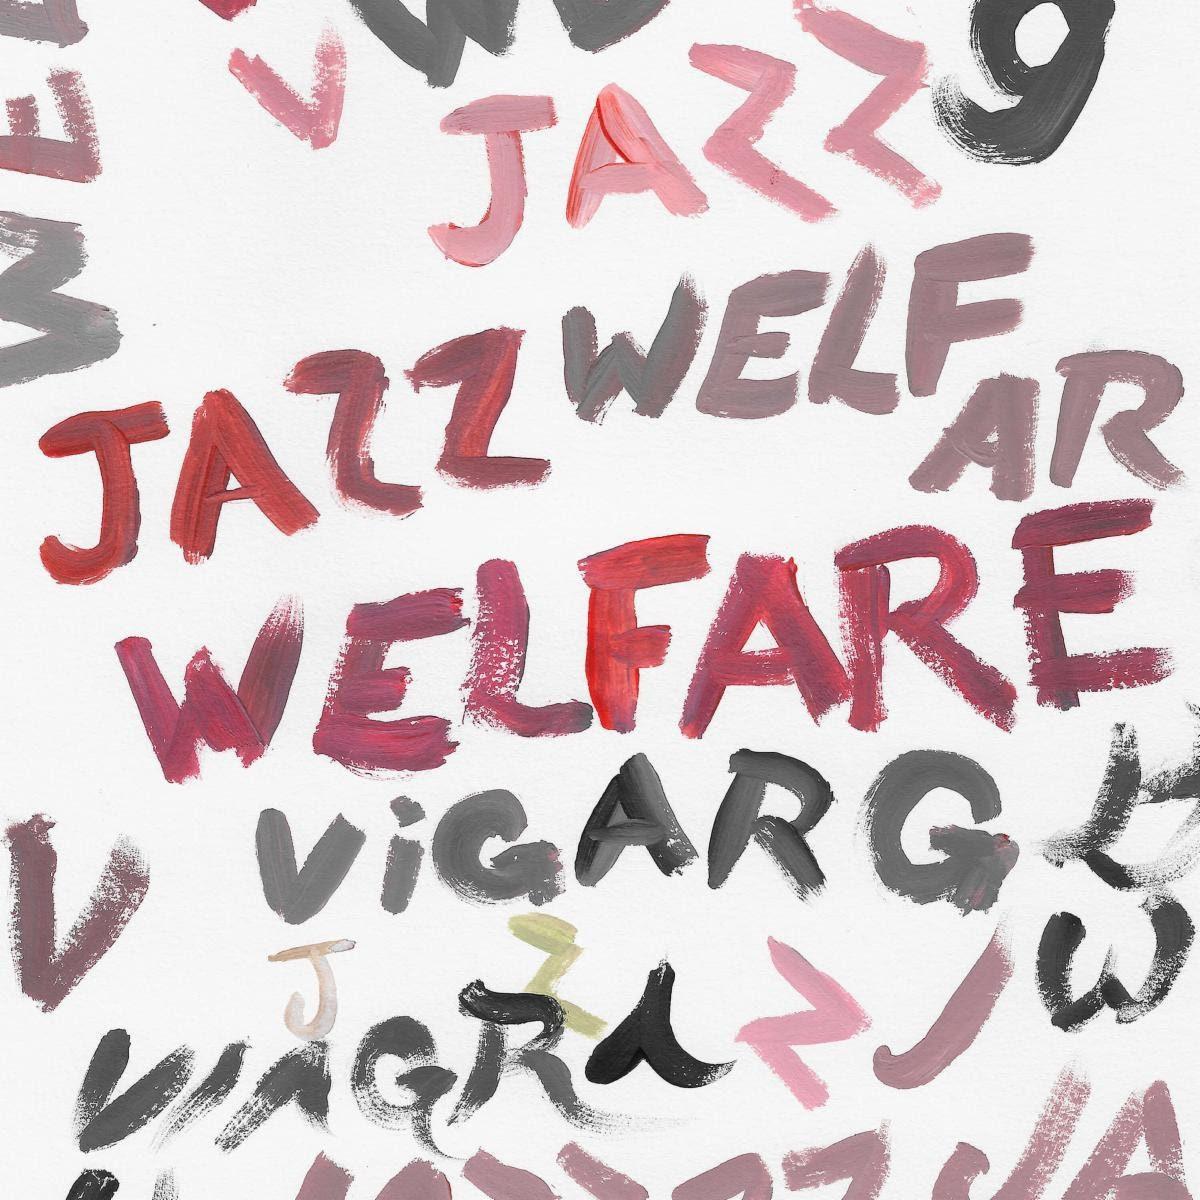 Viagra Boys Tear Themselves Open on Cathartic 'Welfare Jazz'